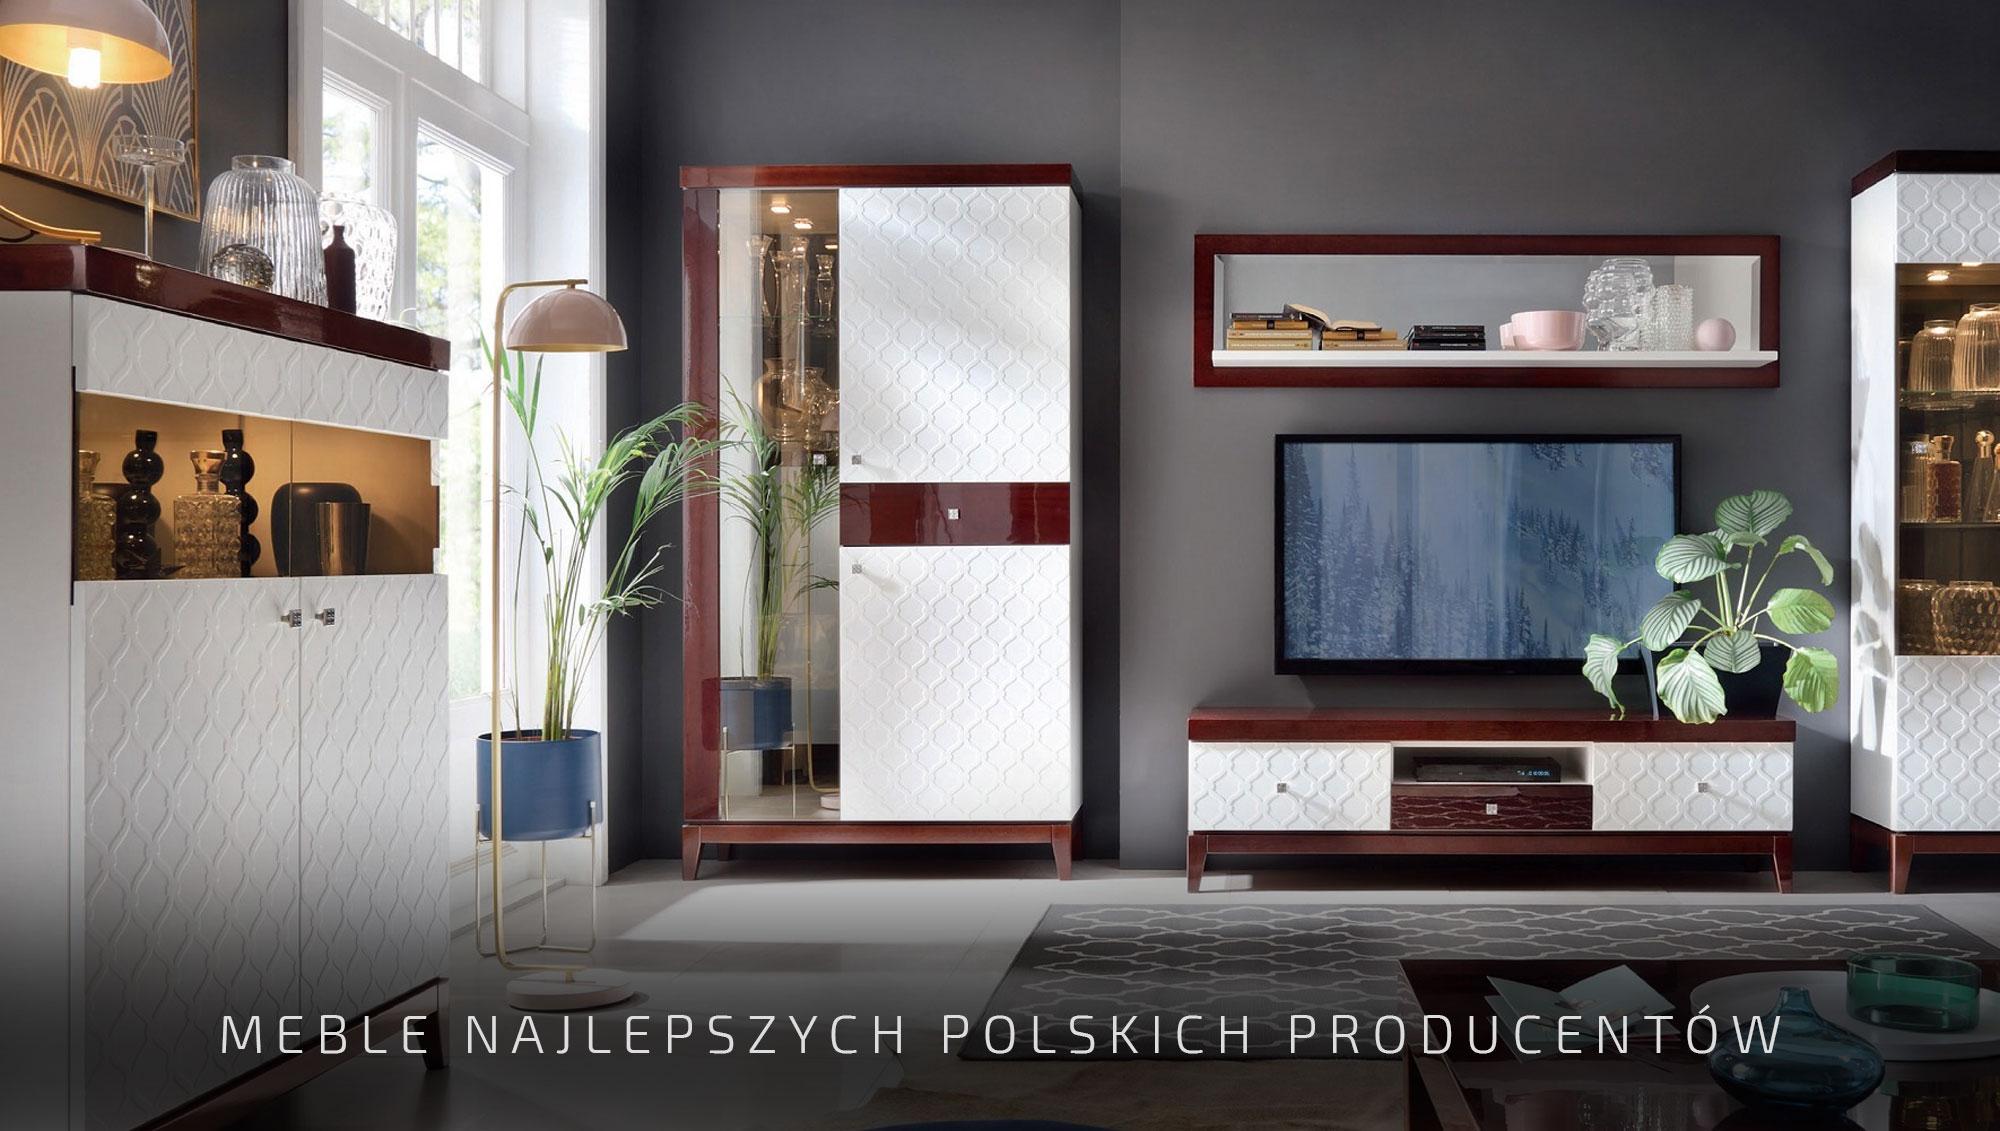 Meble najlepszych polskich producentów